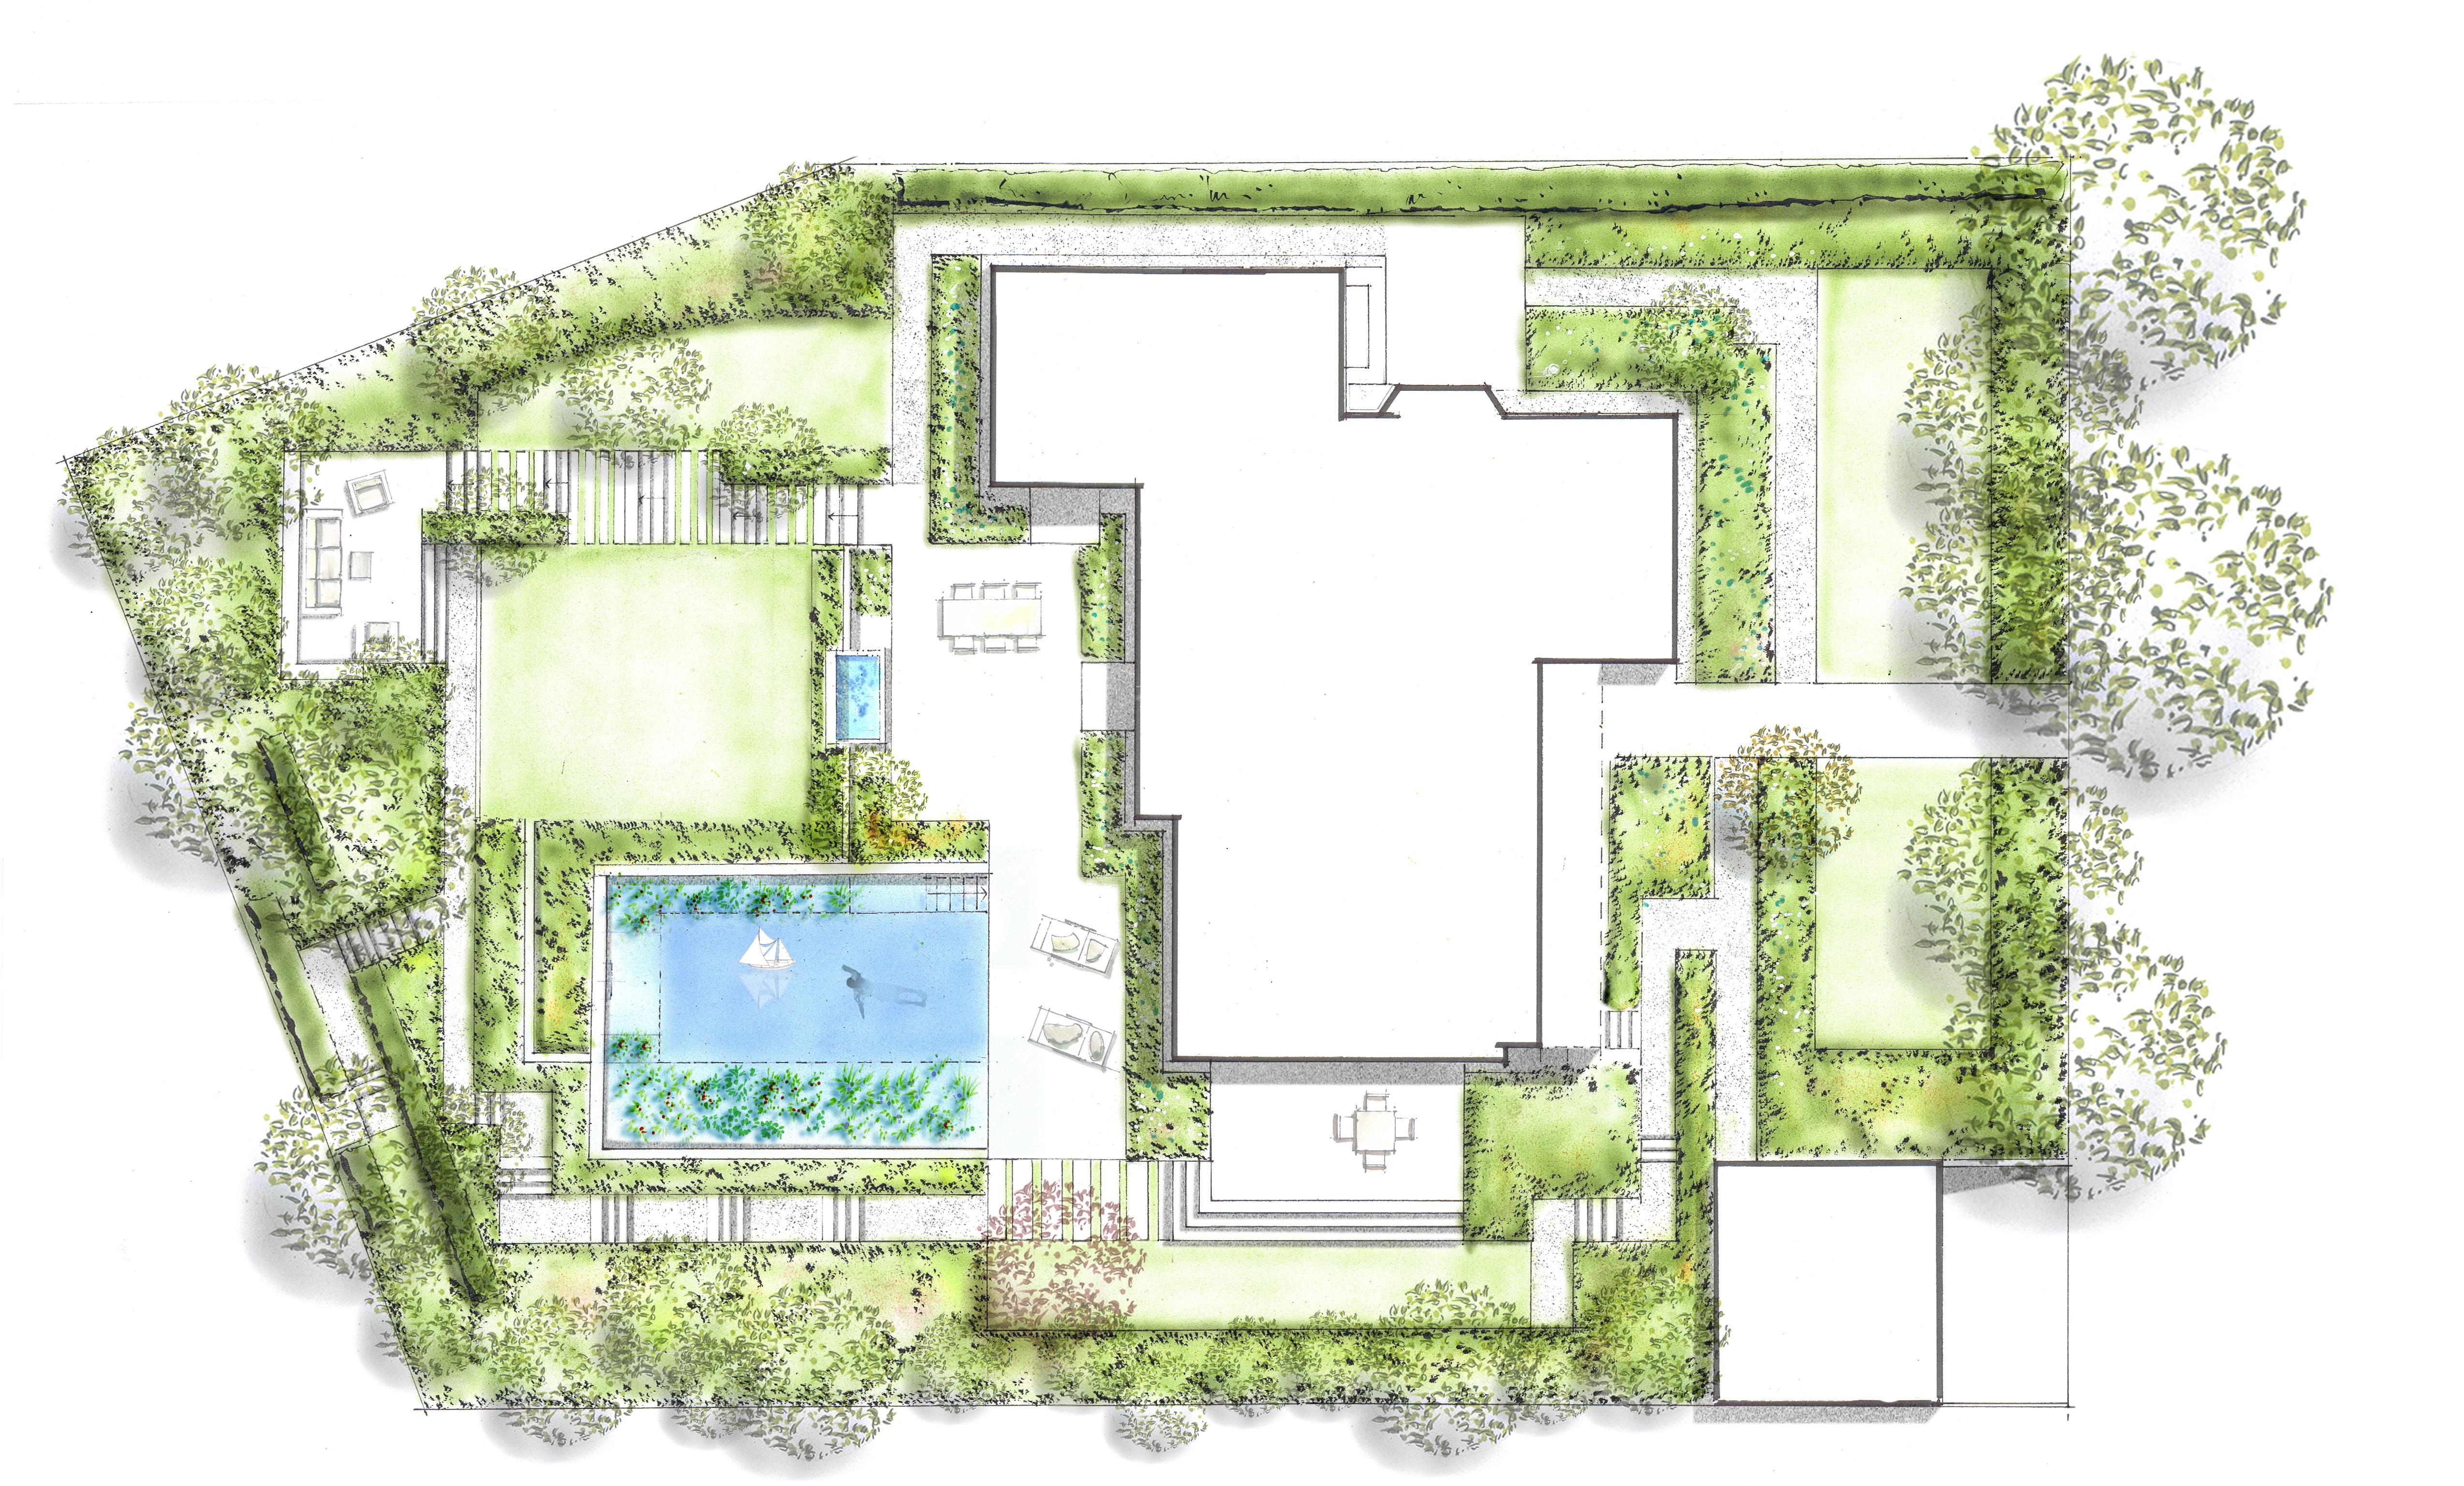 gartenplan mit pool, gartenpläne zeichnen – nullkommaneun, Design ideen